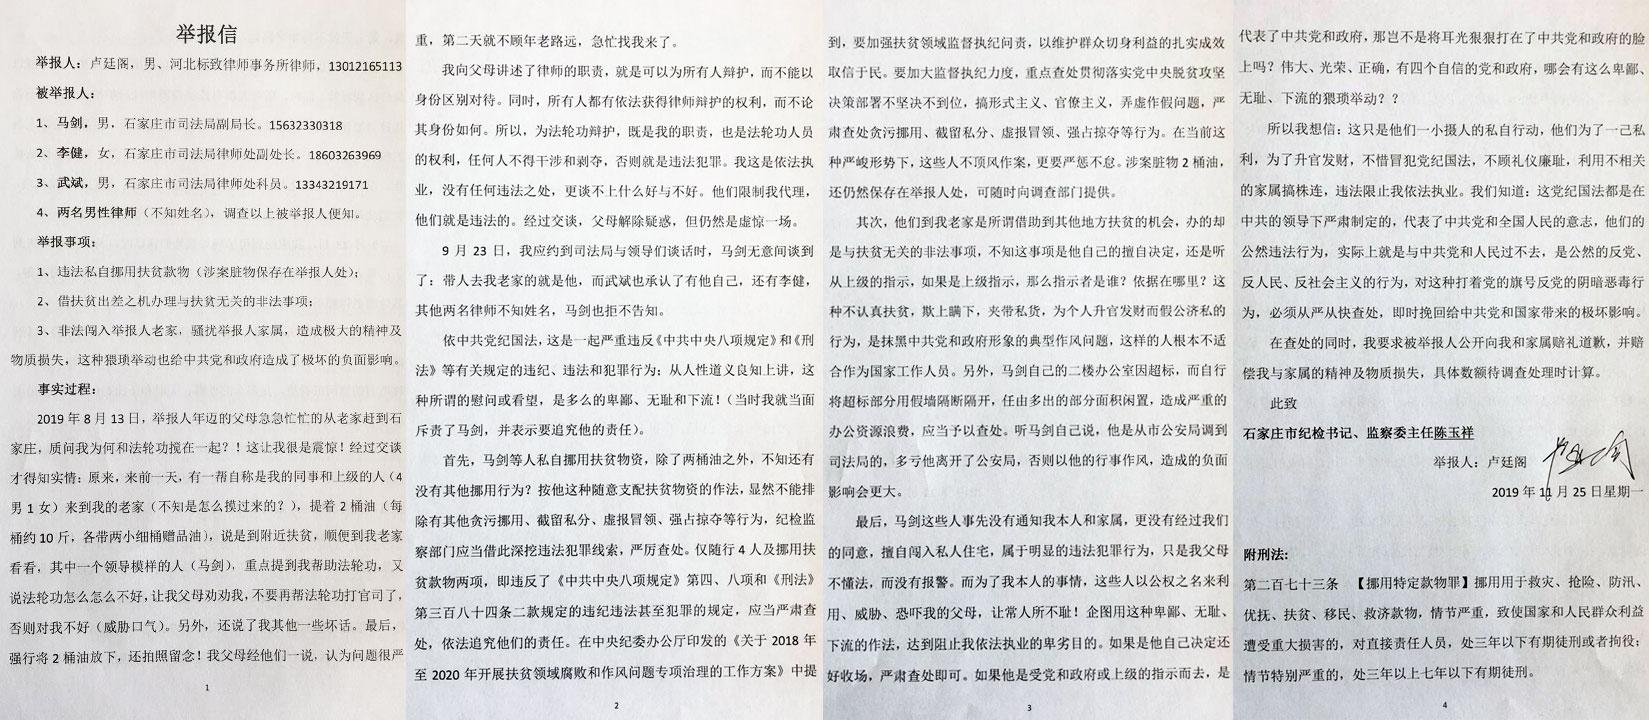 11月25日,河北維權律師盧廷閣向河北紀檢、監察委舉報石家莊市司法局副局長馬劍及隨從對其父母進行騷擾、及挪用扶貧款物等違法行為。(吳亦桐提供)